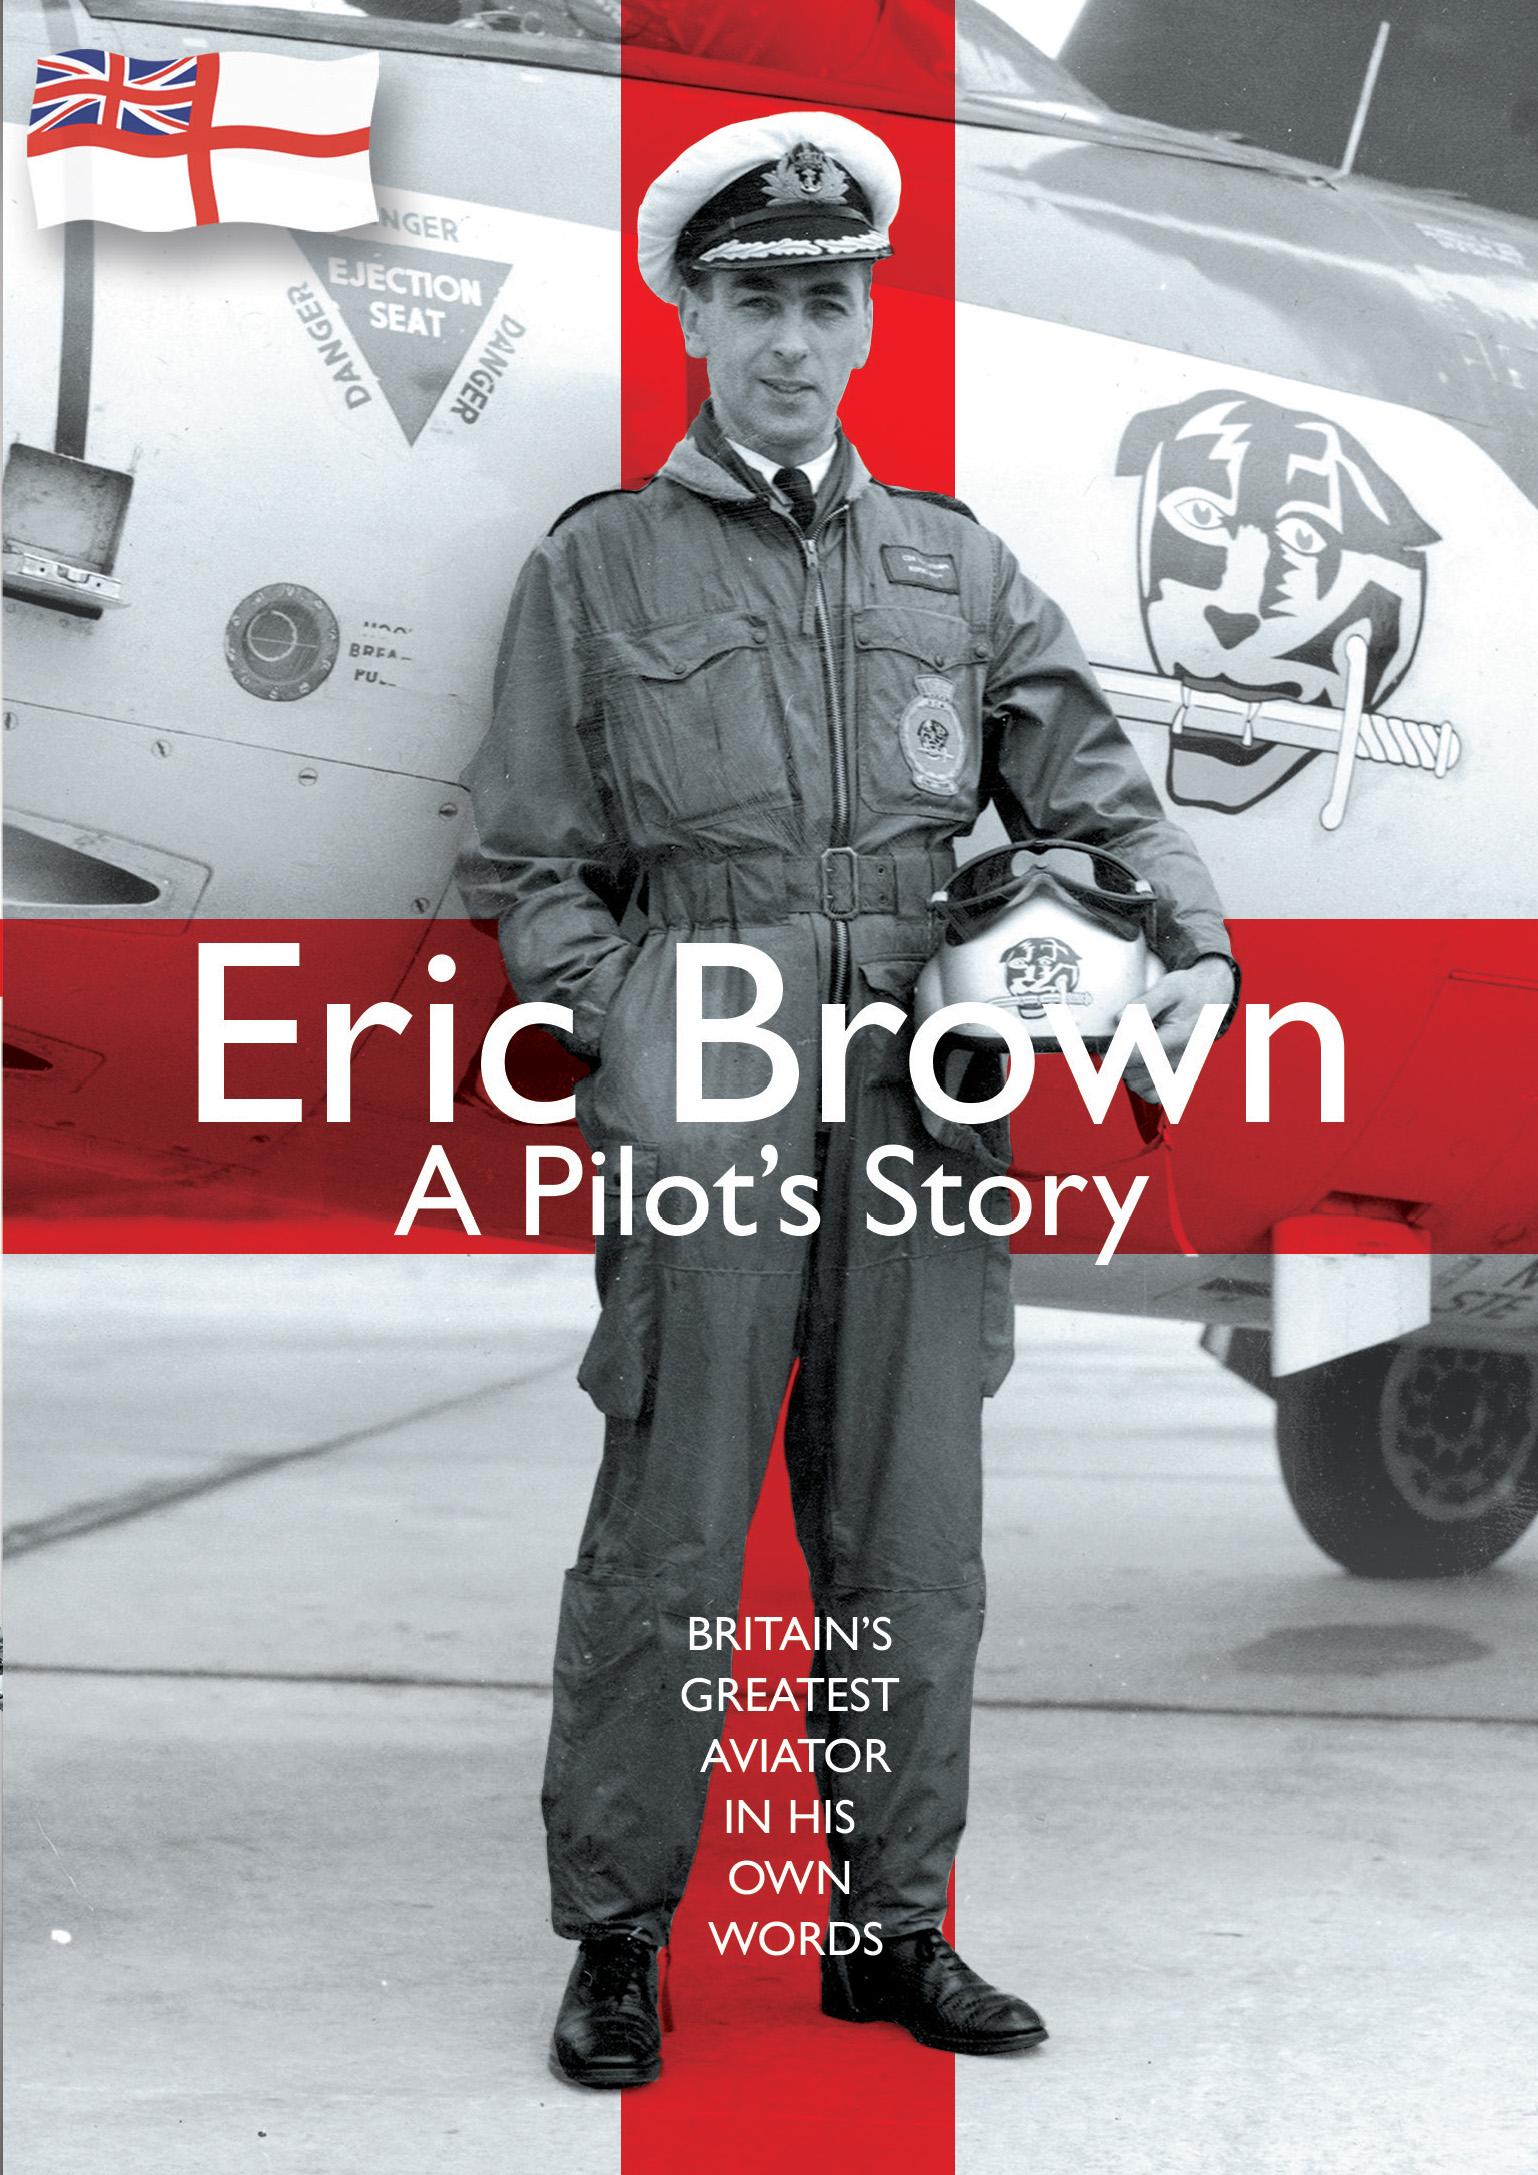 Eric Brown: A Pilot's Story (2014)